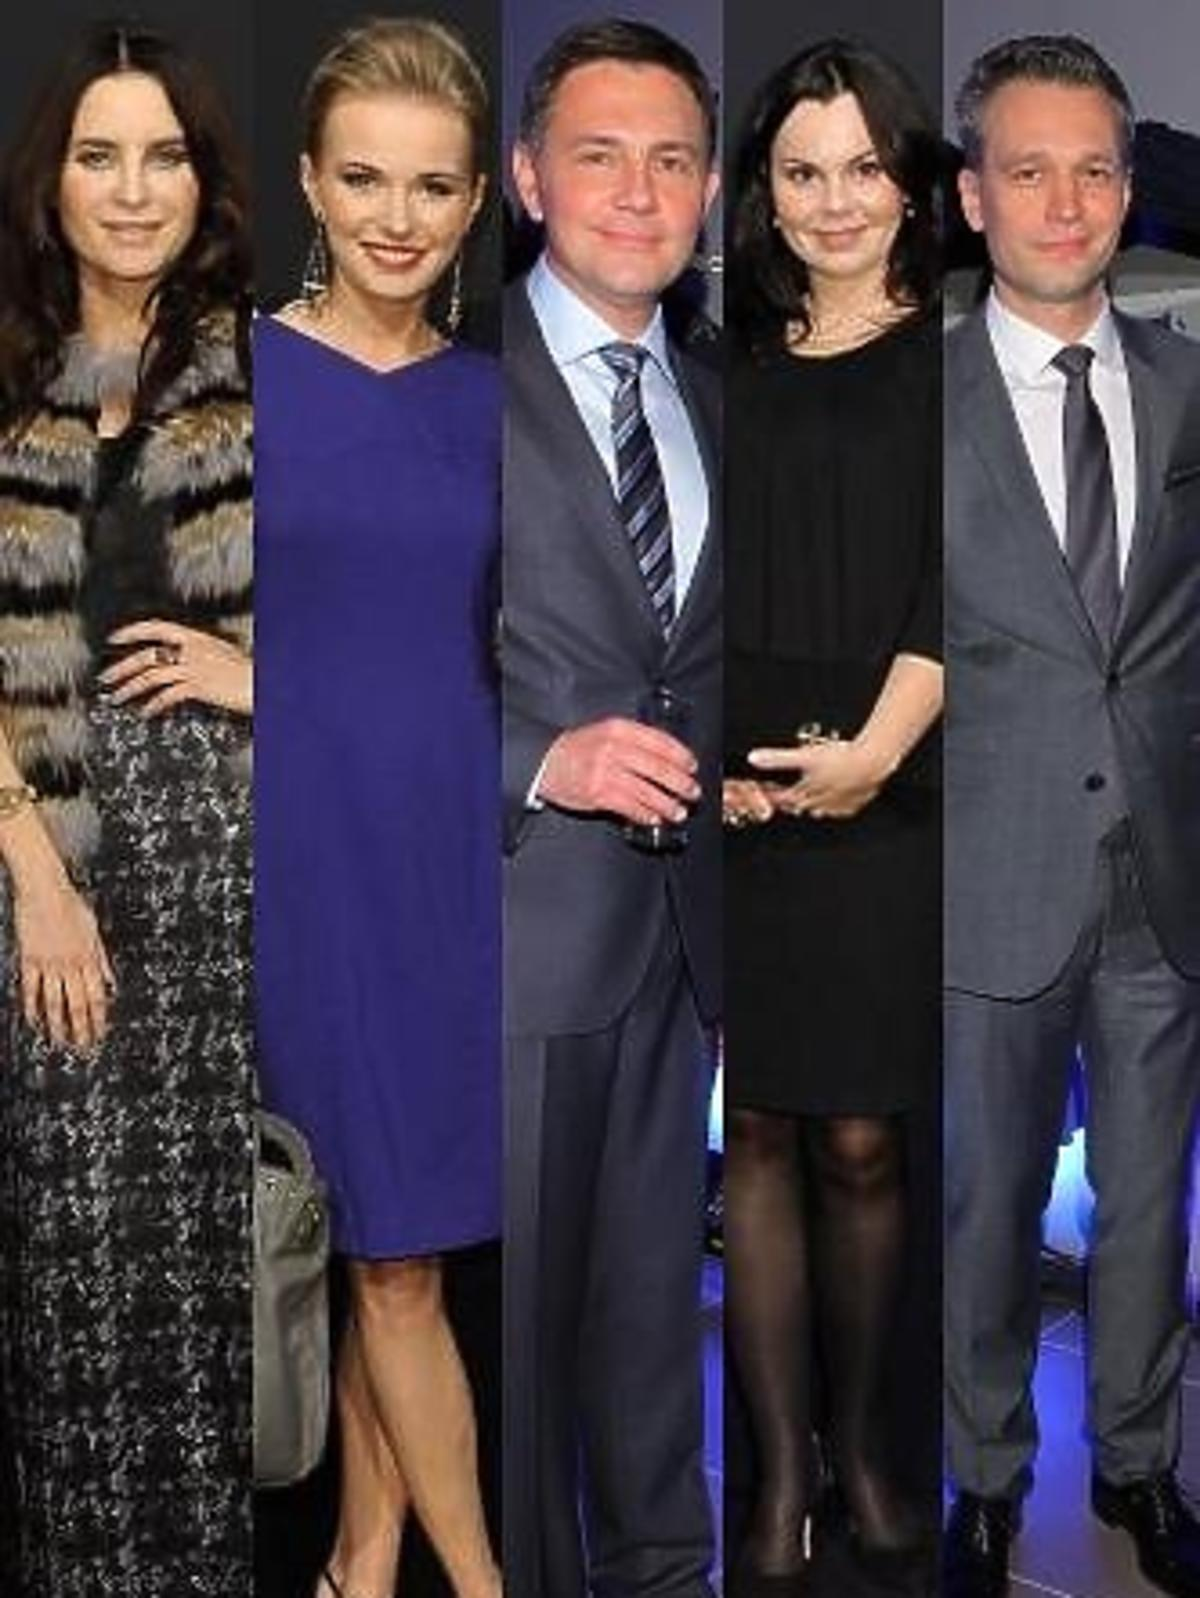 Gwiazdy podczas BOSS Fashion Event w Galerii Mokotów